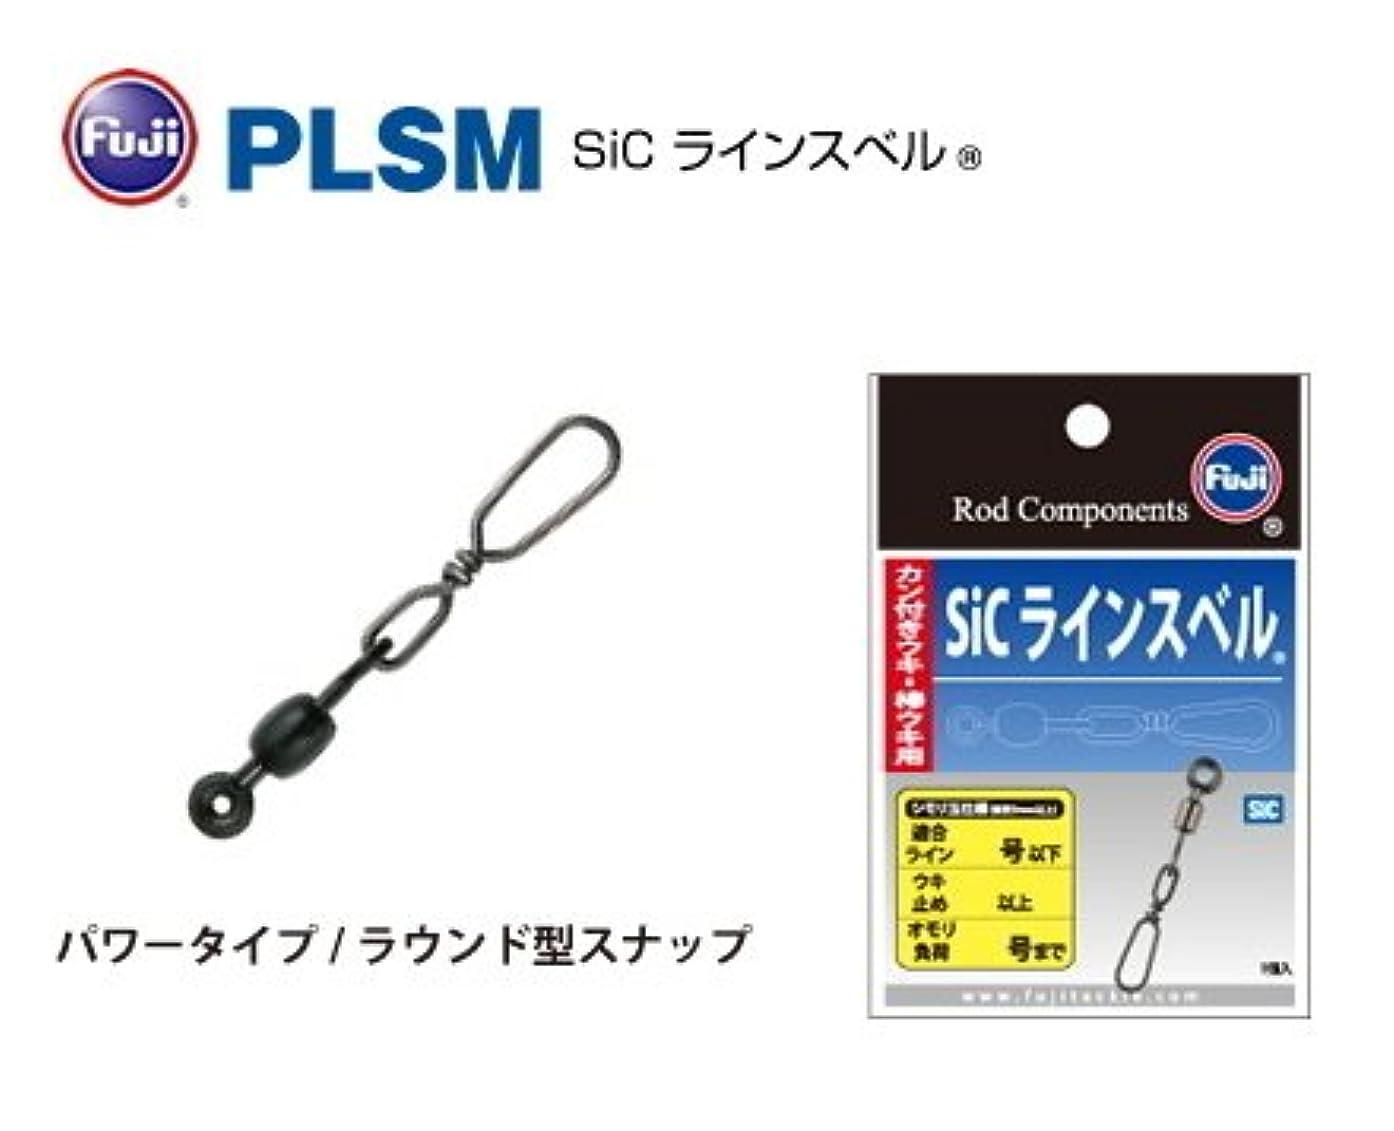 富士工業(FUJI KOGYO) SiCリング パワータイプ ラウンド型スナップ PLSM SR1.0